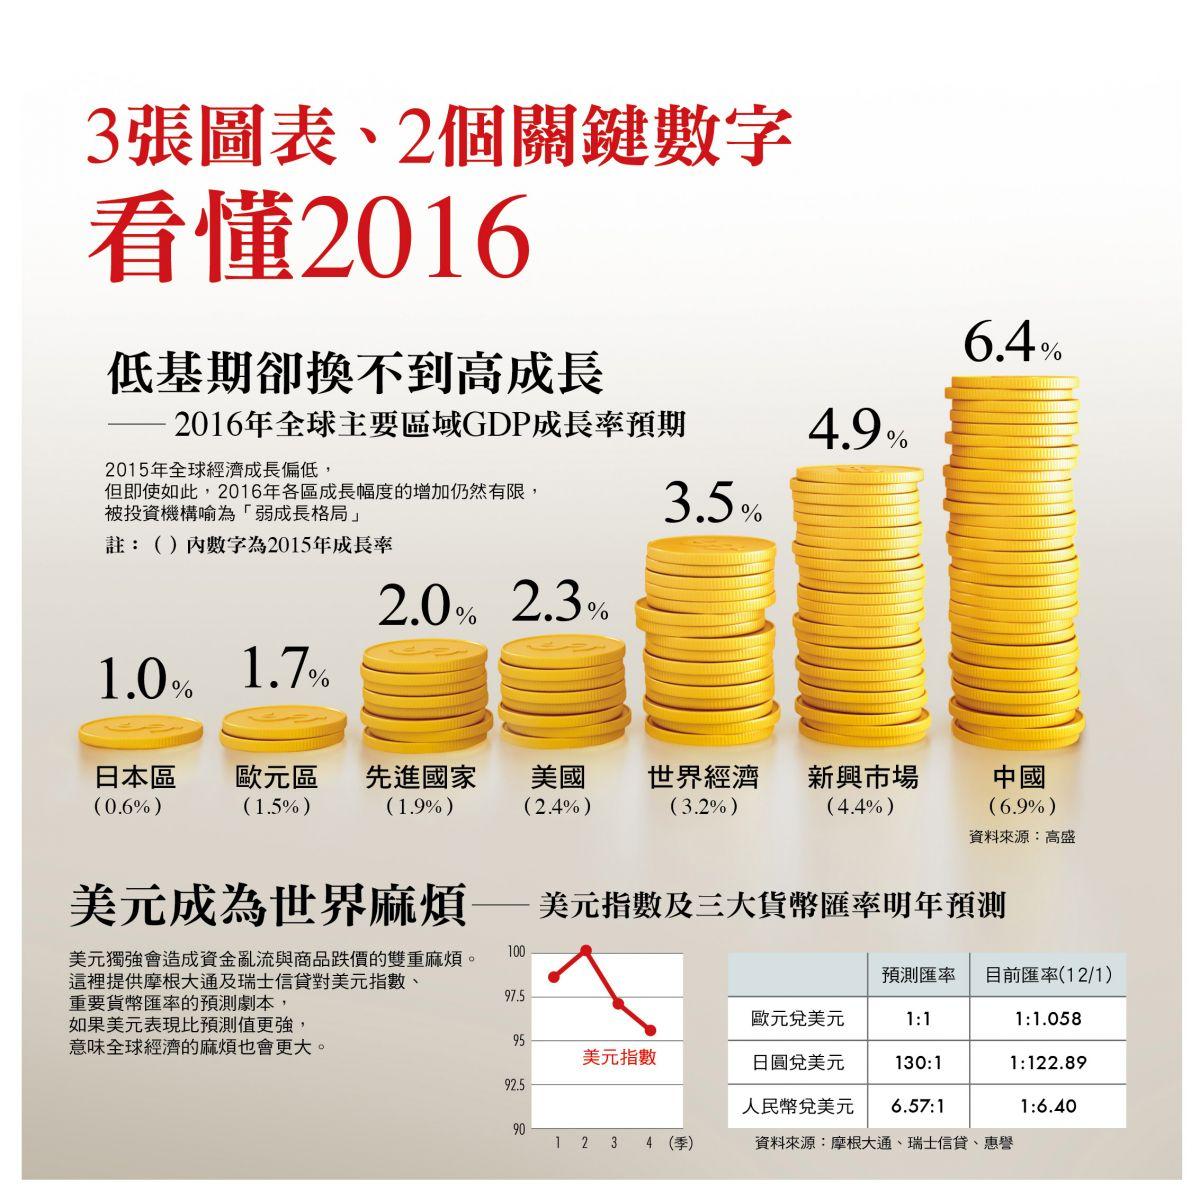 2016經濟成長